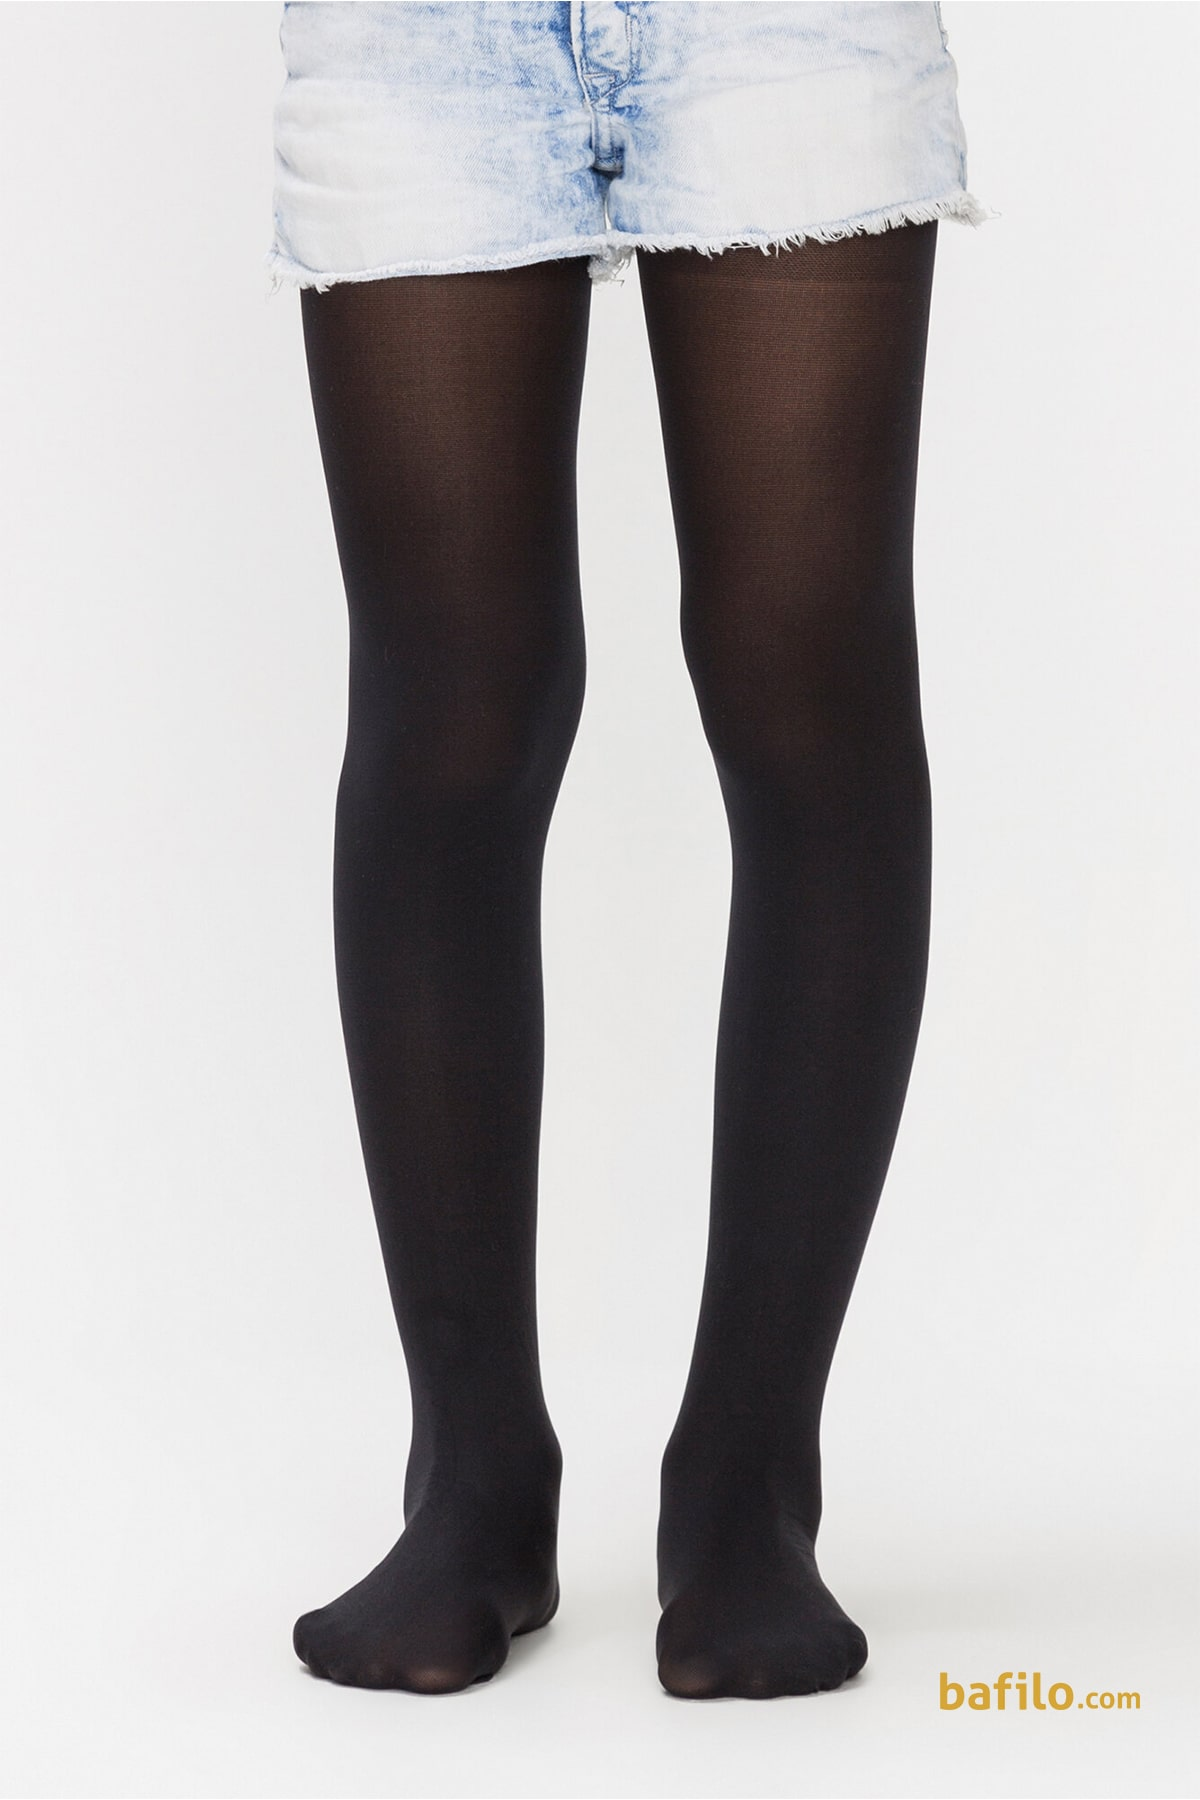 جوراب شلواری ساده دخترانه پنتی Mikro 40 - مشکی - Thumbnail